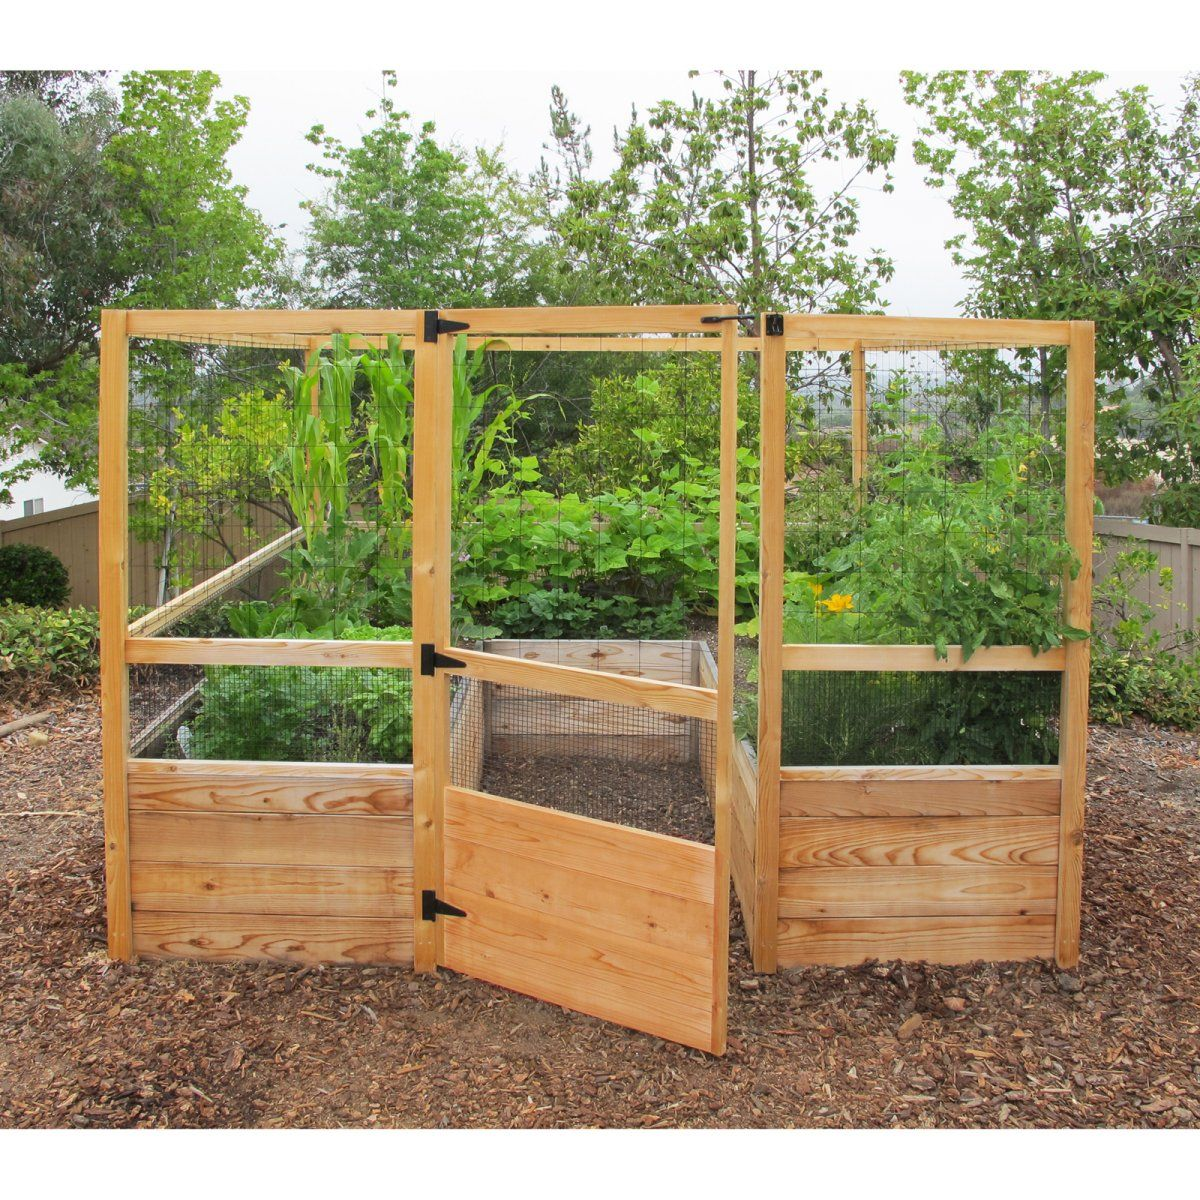 Superbe Deer Proof Vegetable Garden Kit   Raised